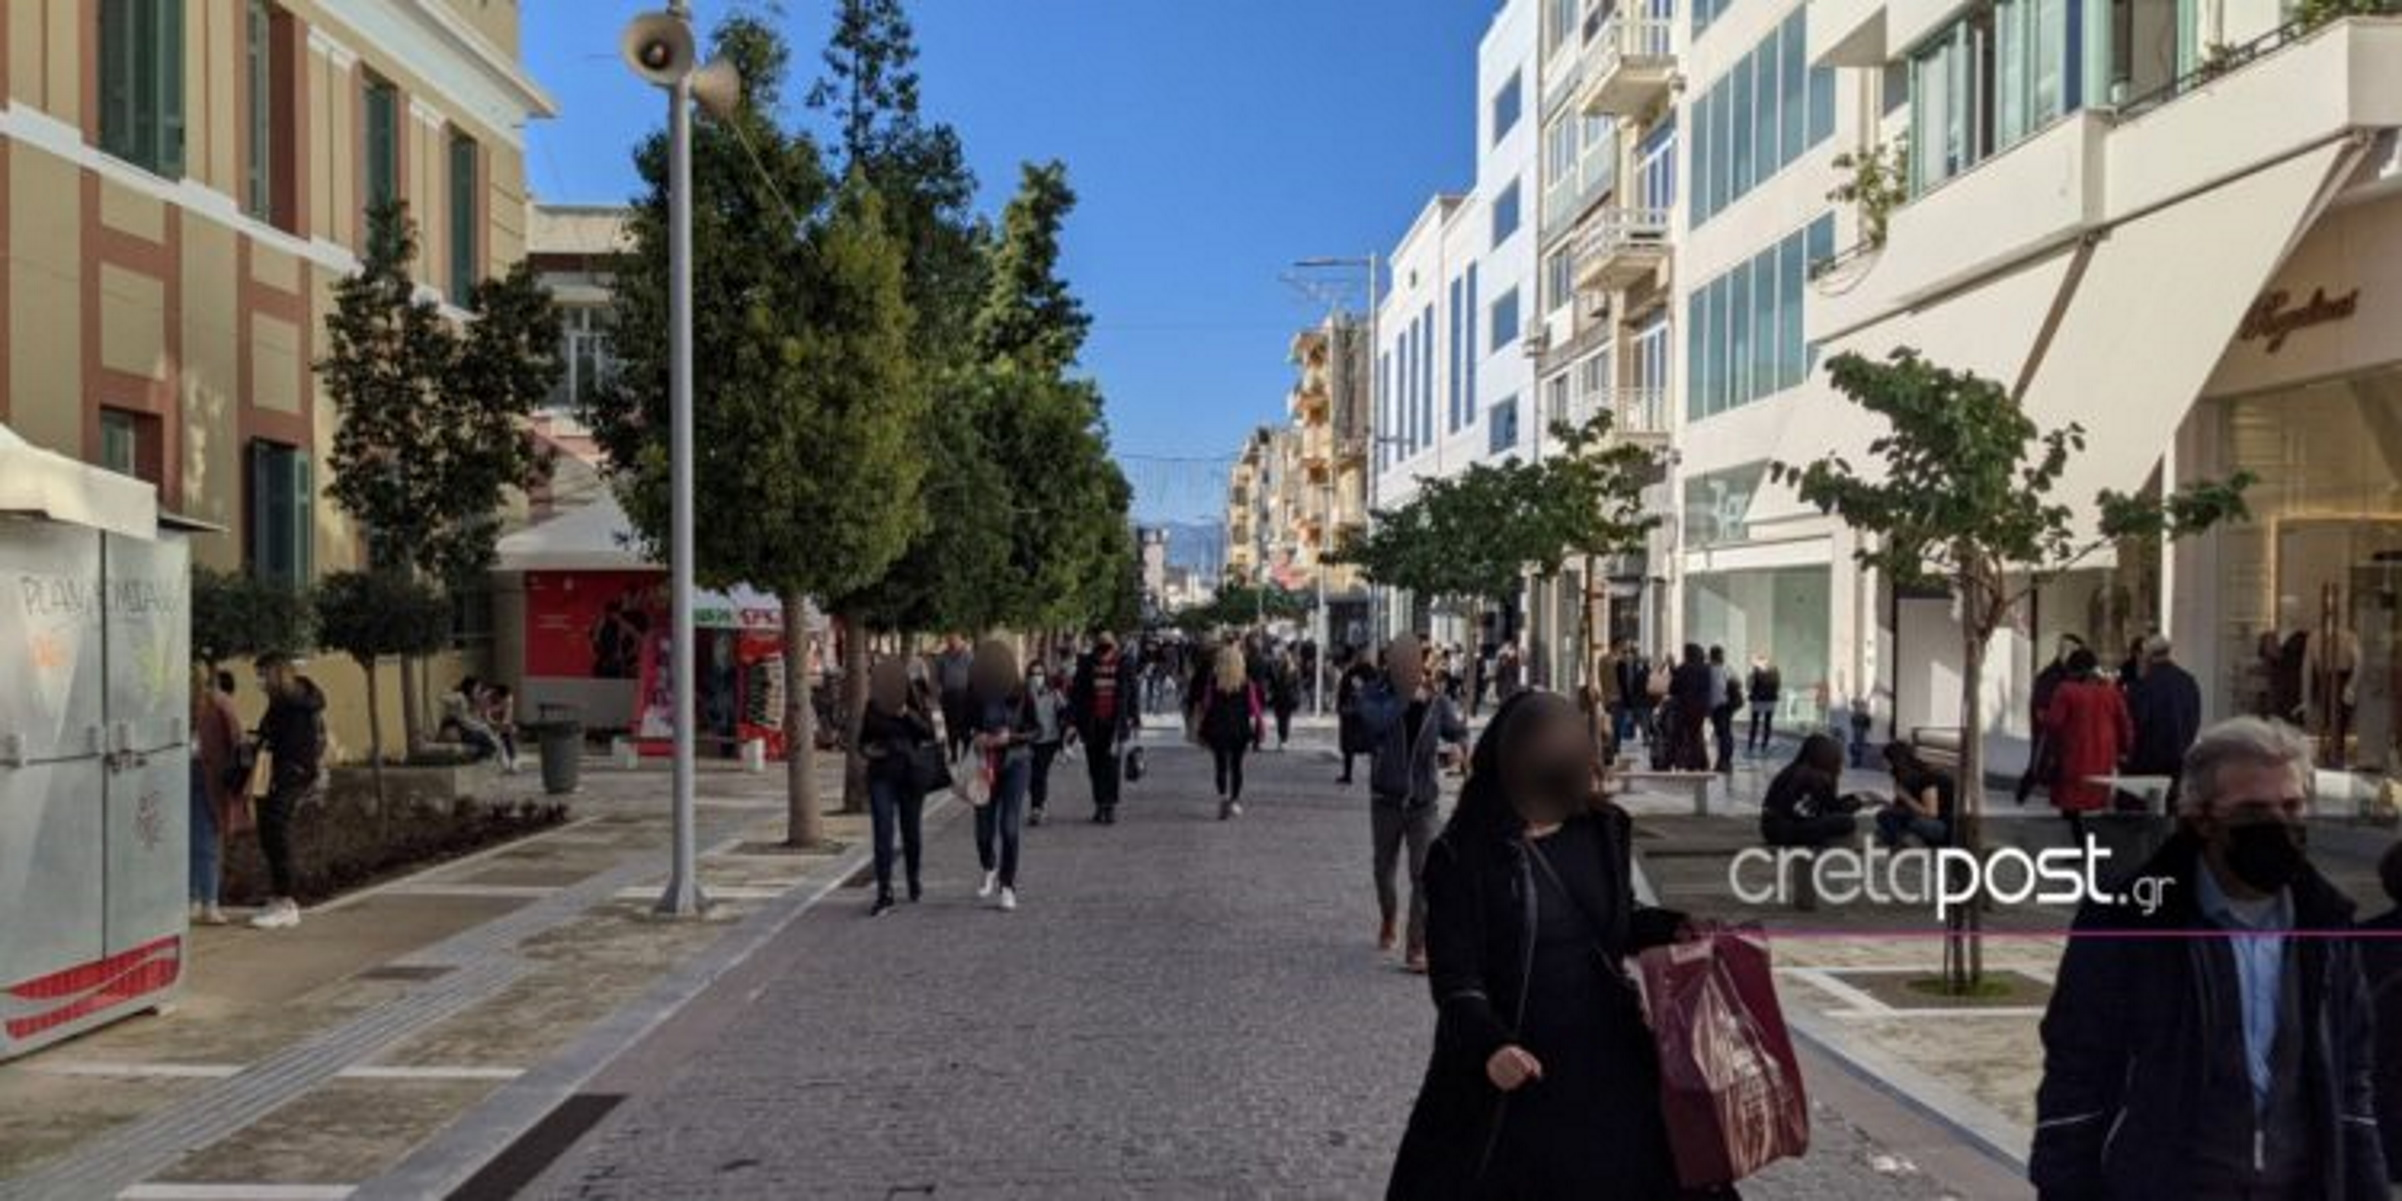 Κρήτη: «Βροχή» τα πρόστιμα για μετακινήσεις, μάσκες, λειτουργία καταστημάτων – 41.000 ευρώ οι «λυπητερές»